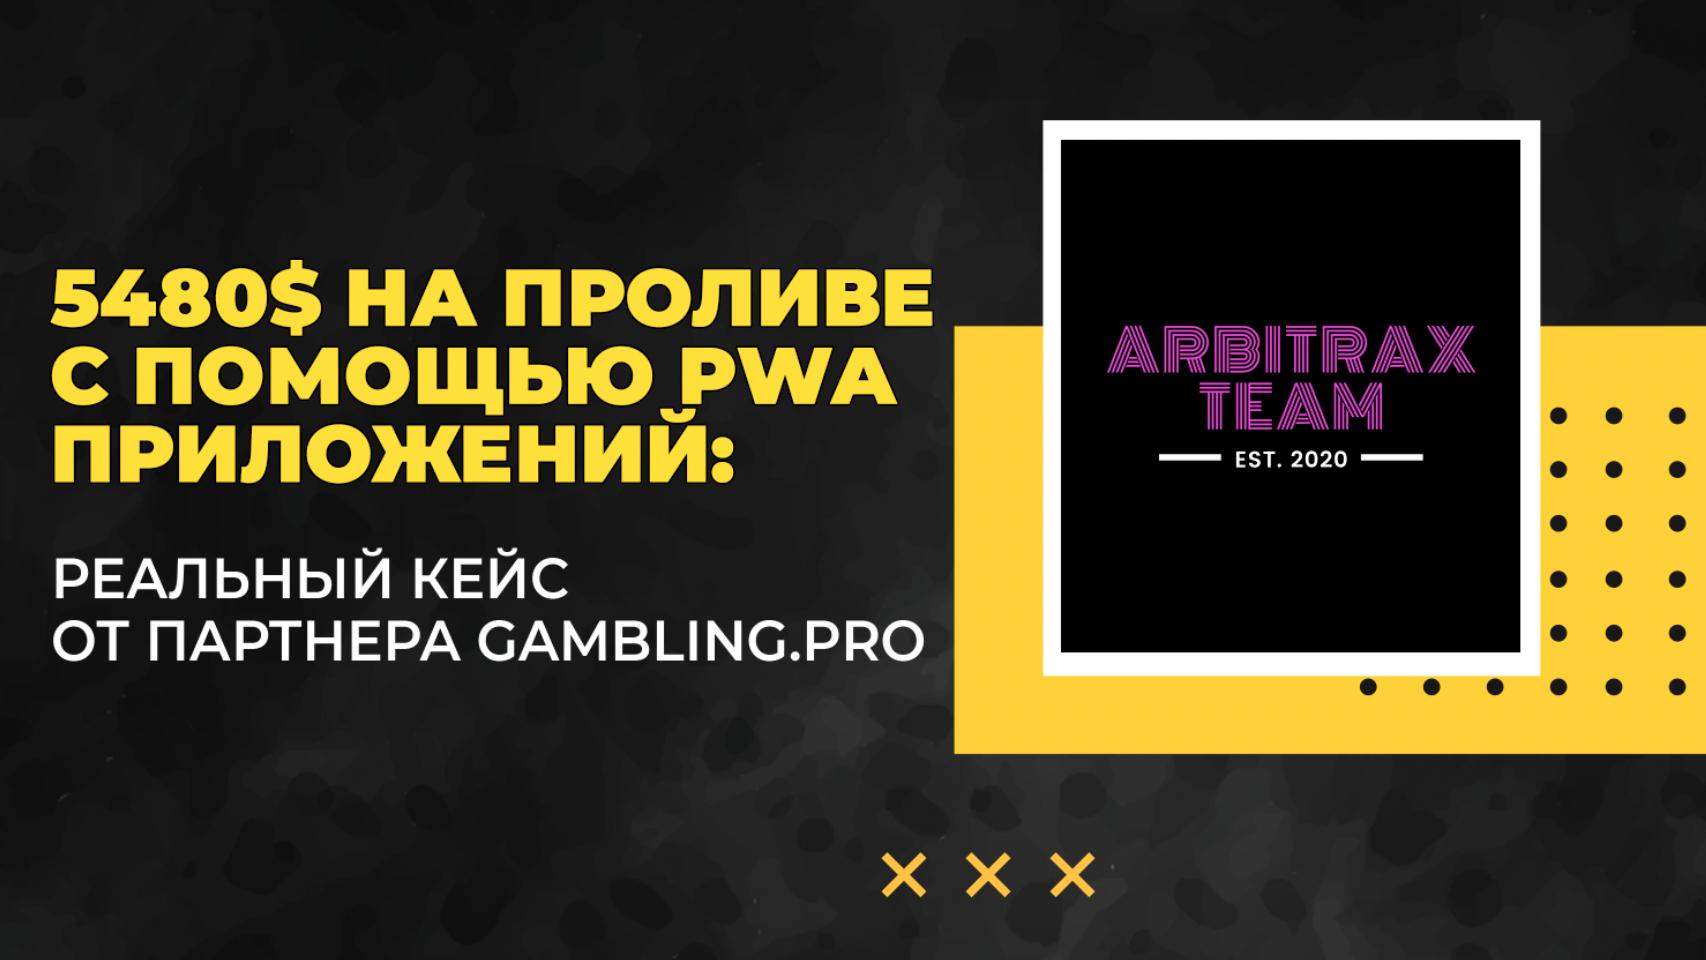 5480$ на проливе с помощью PWA приложений: реальный кейс от партнёра Gambling.pro